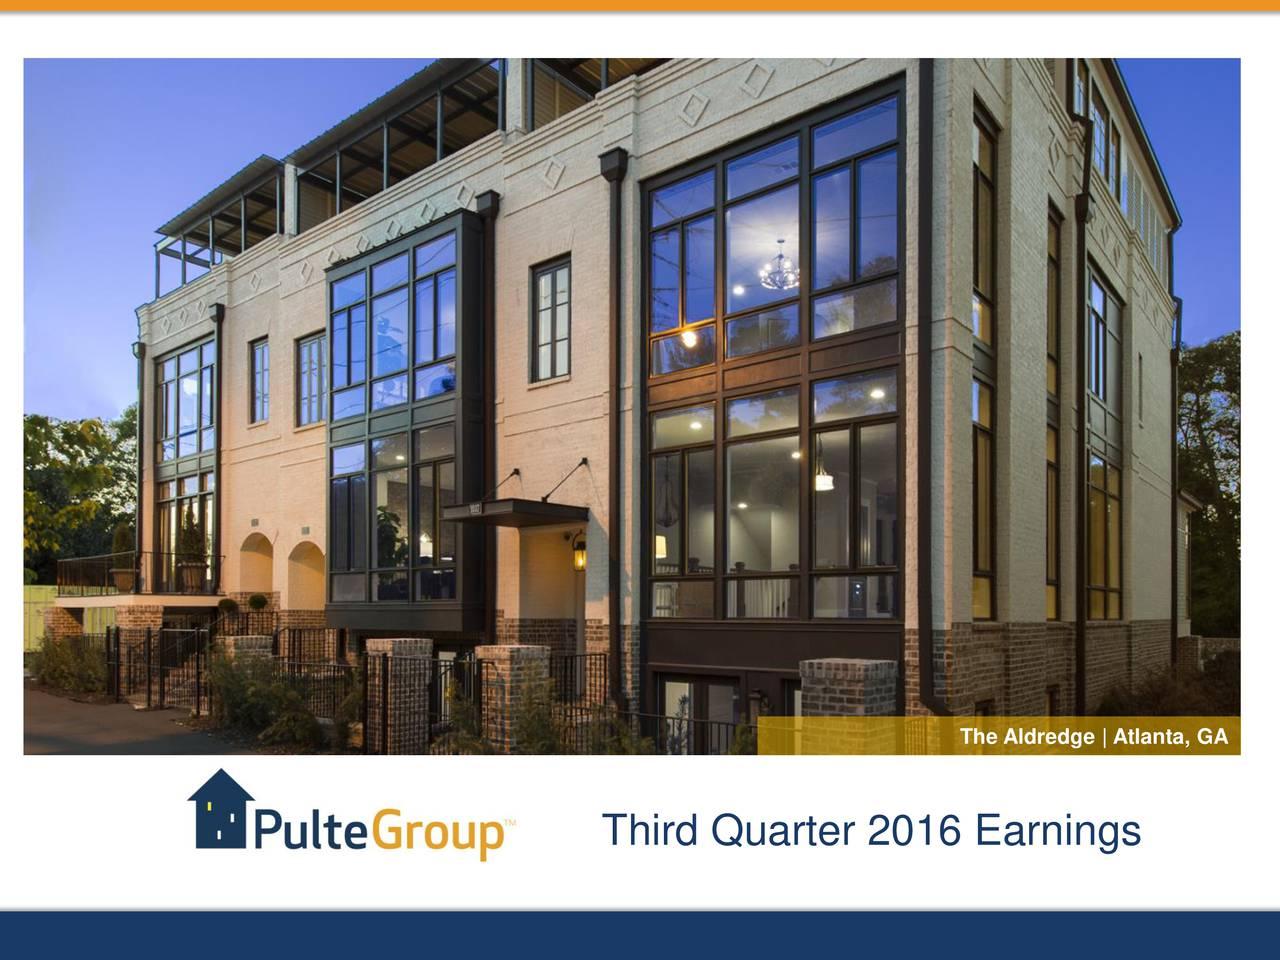 Third Quarter 2016 Earnings